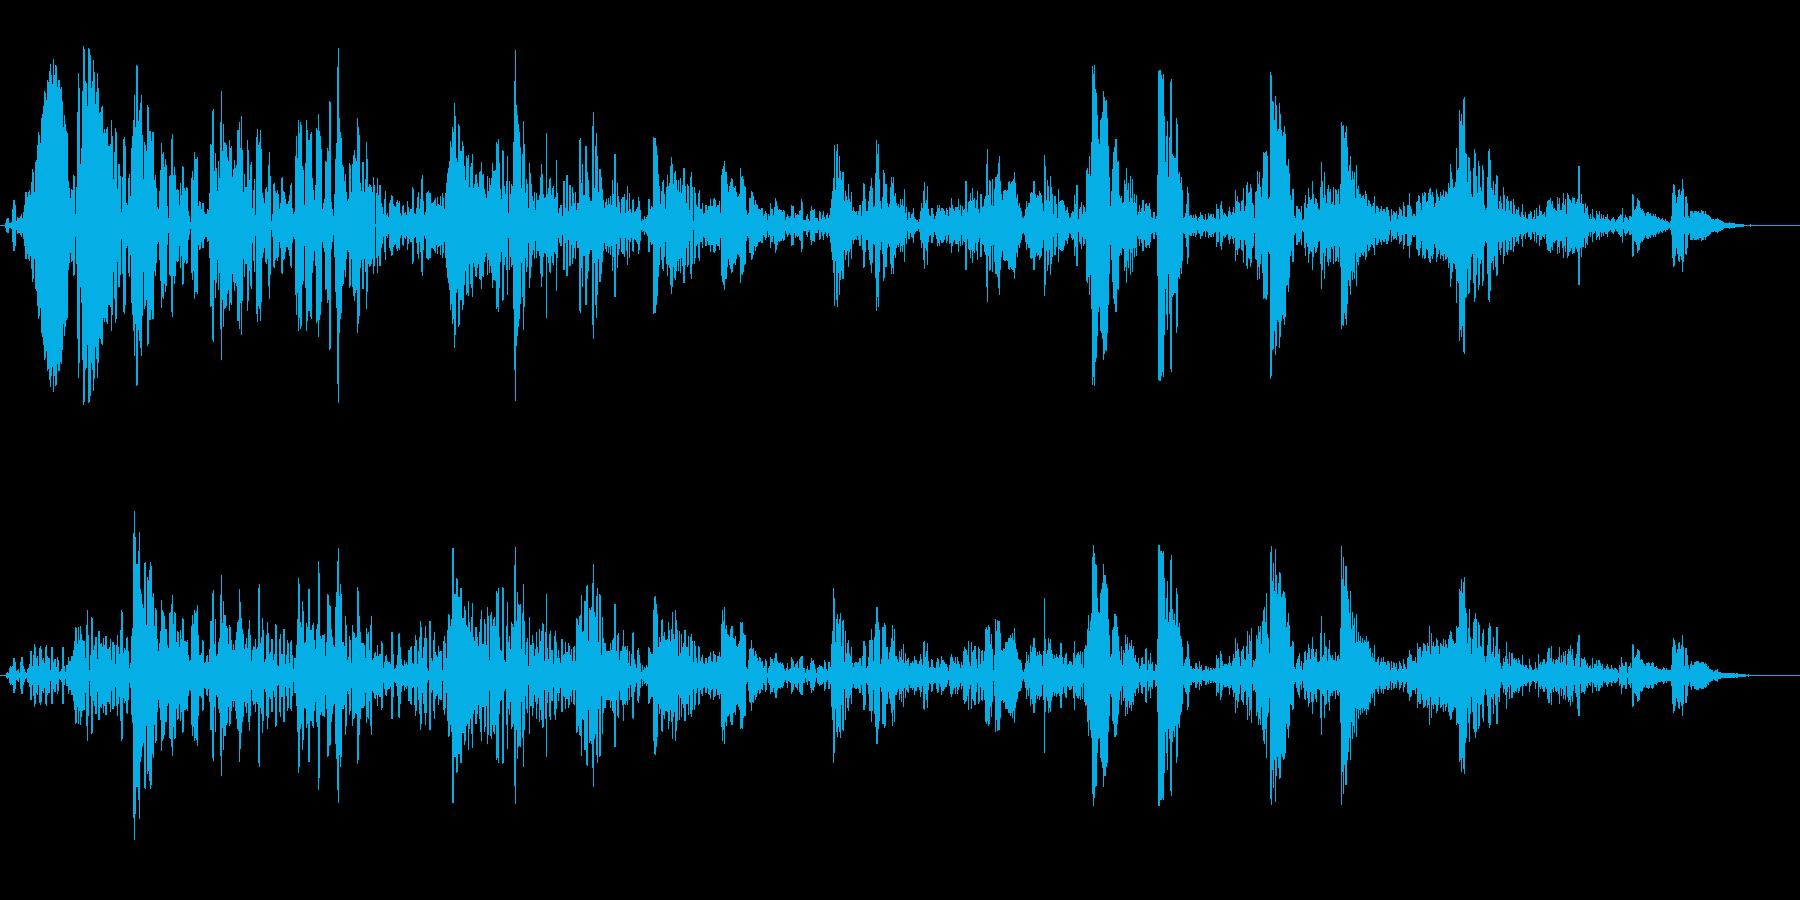 ブクブクブク(水中を潜る音)の再生済みの波形